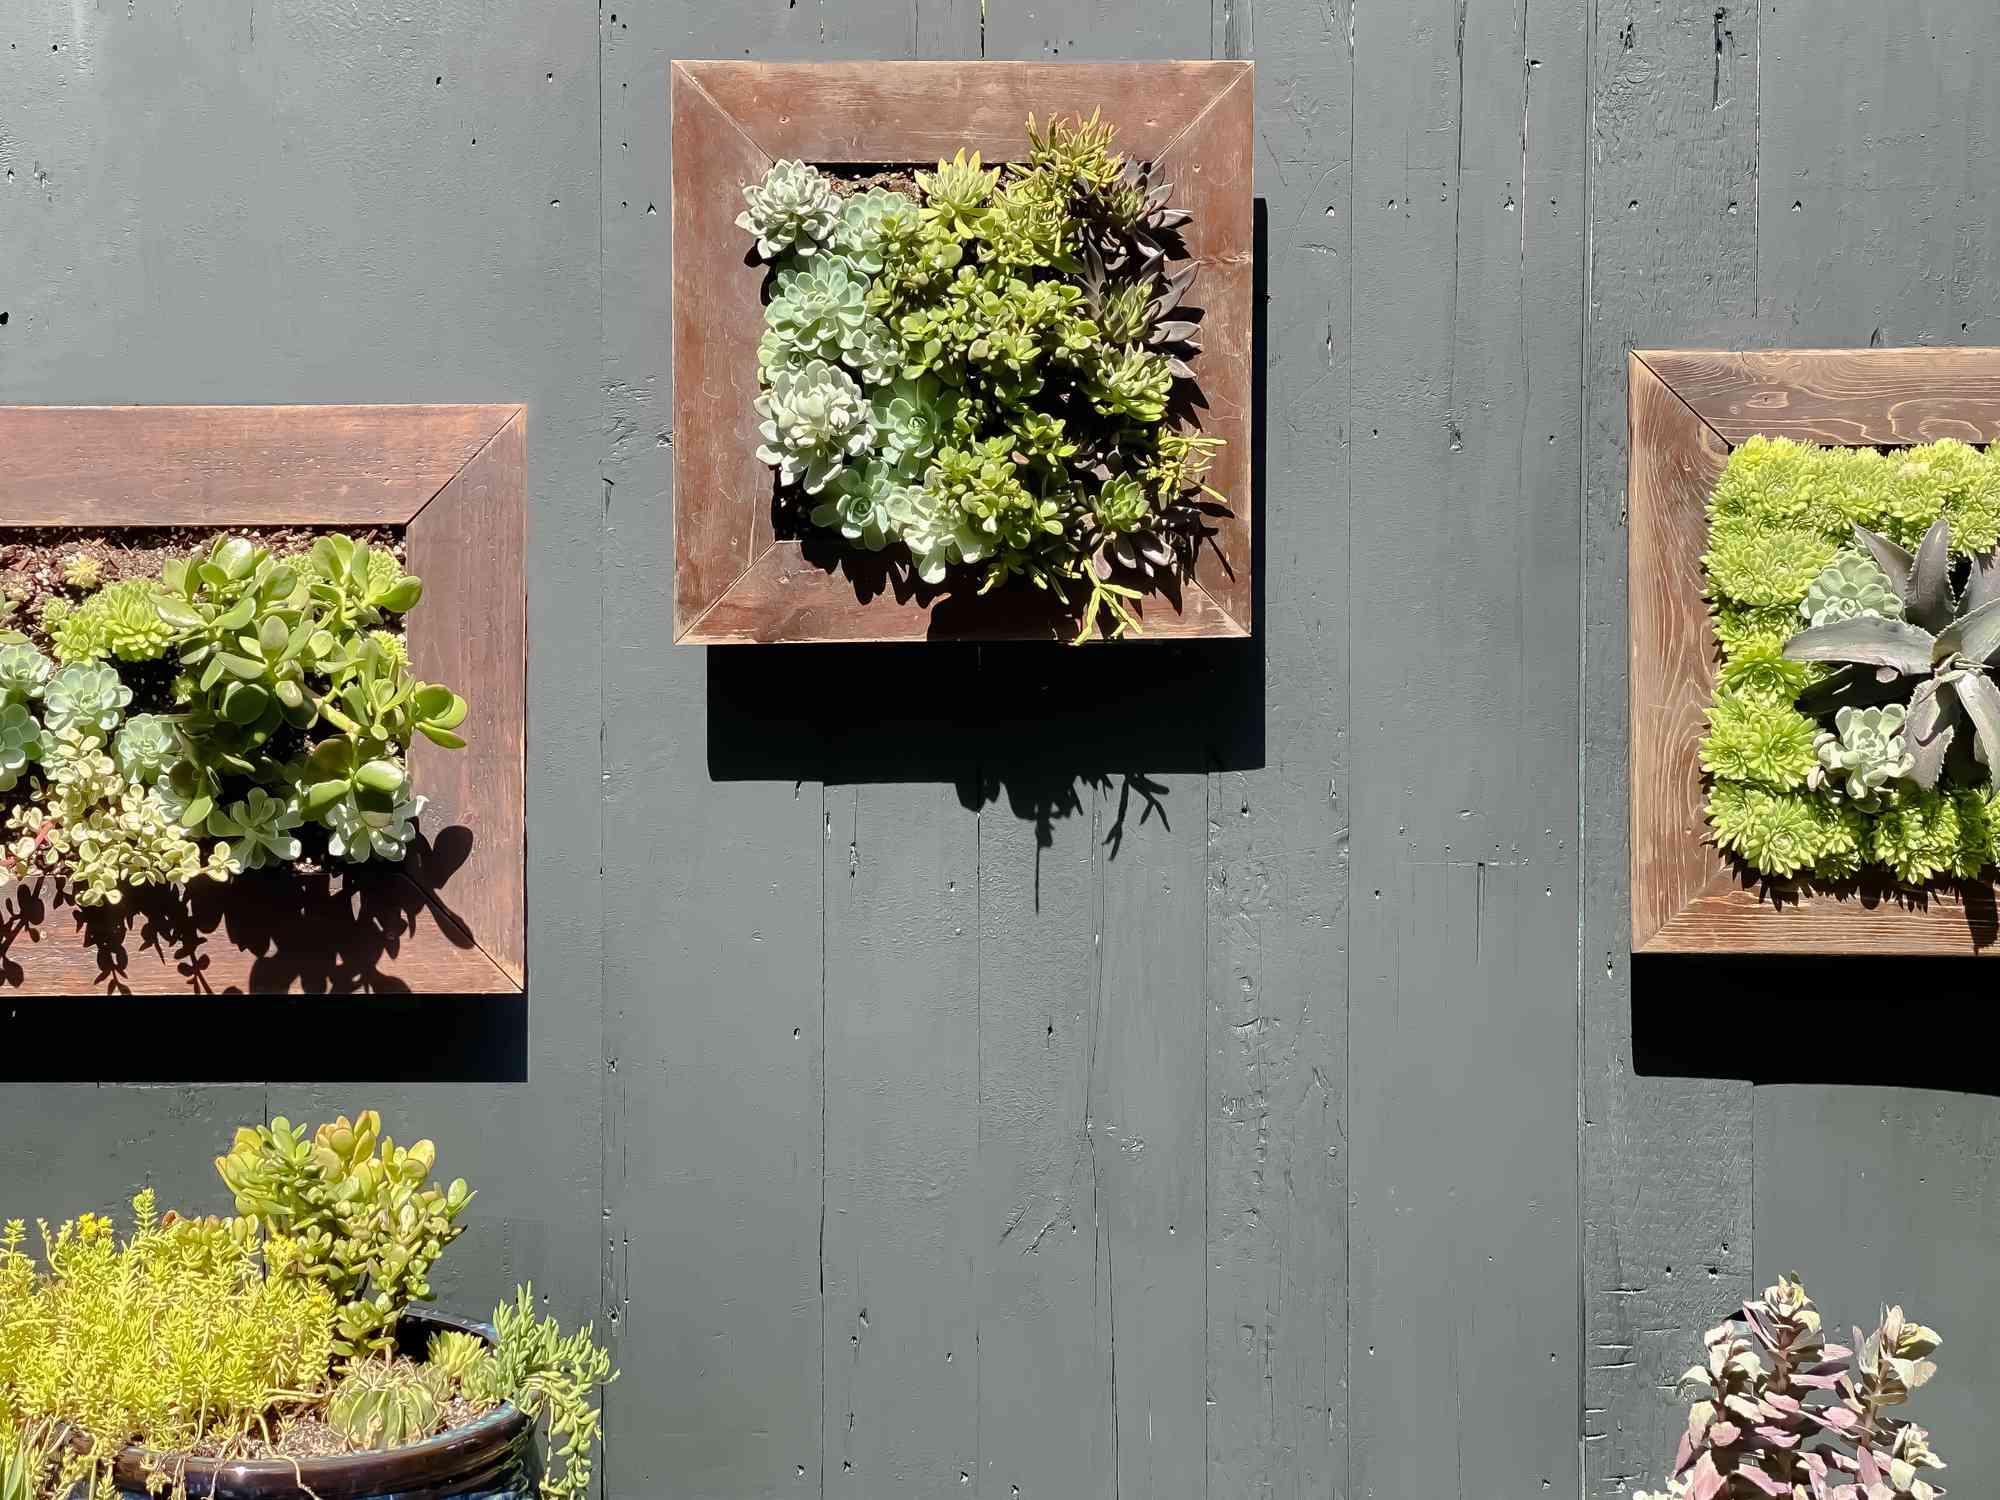 Outdoor vertical garden living wall art.